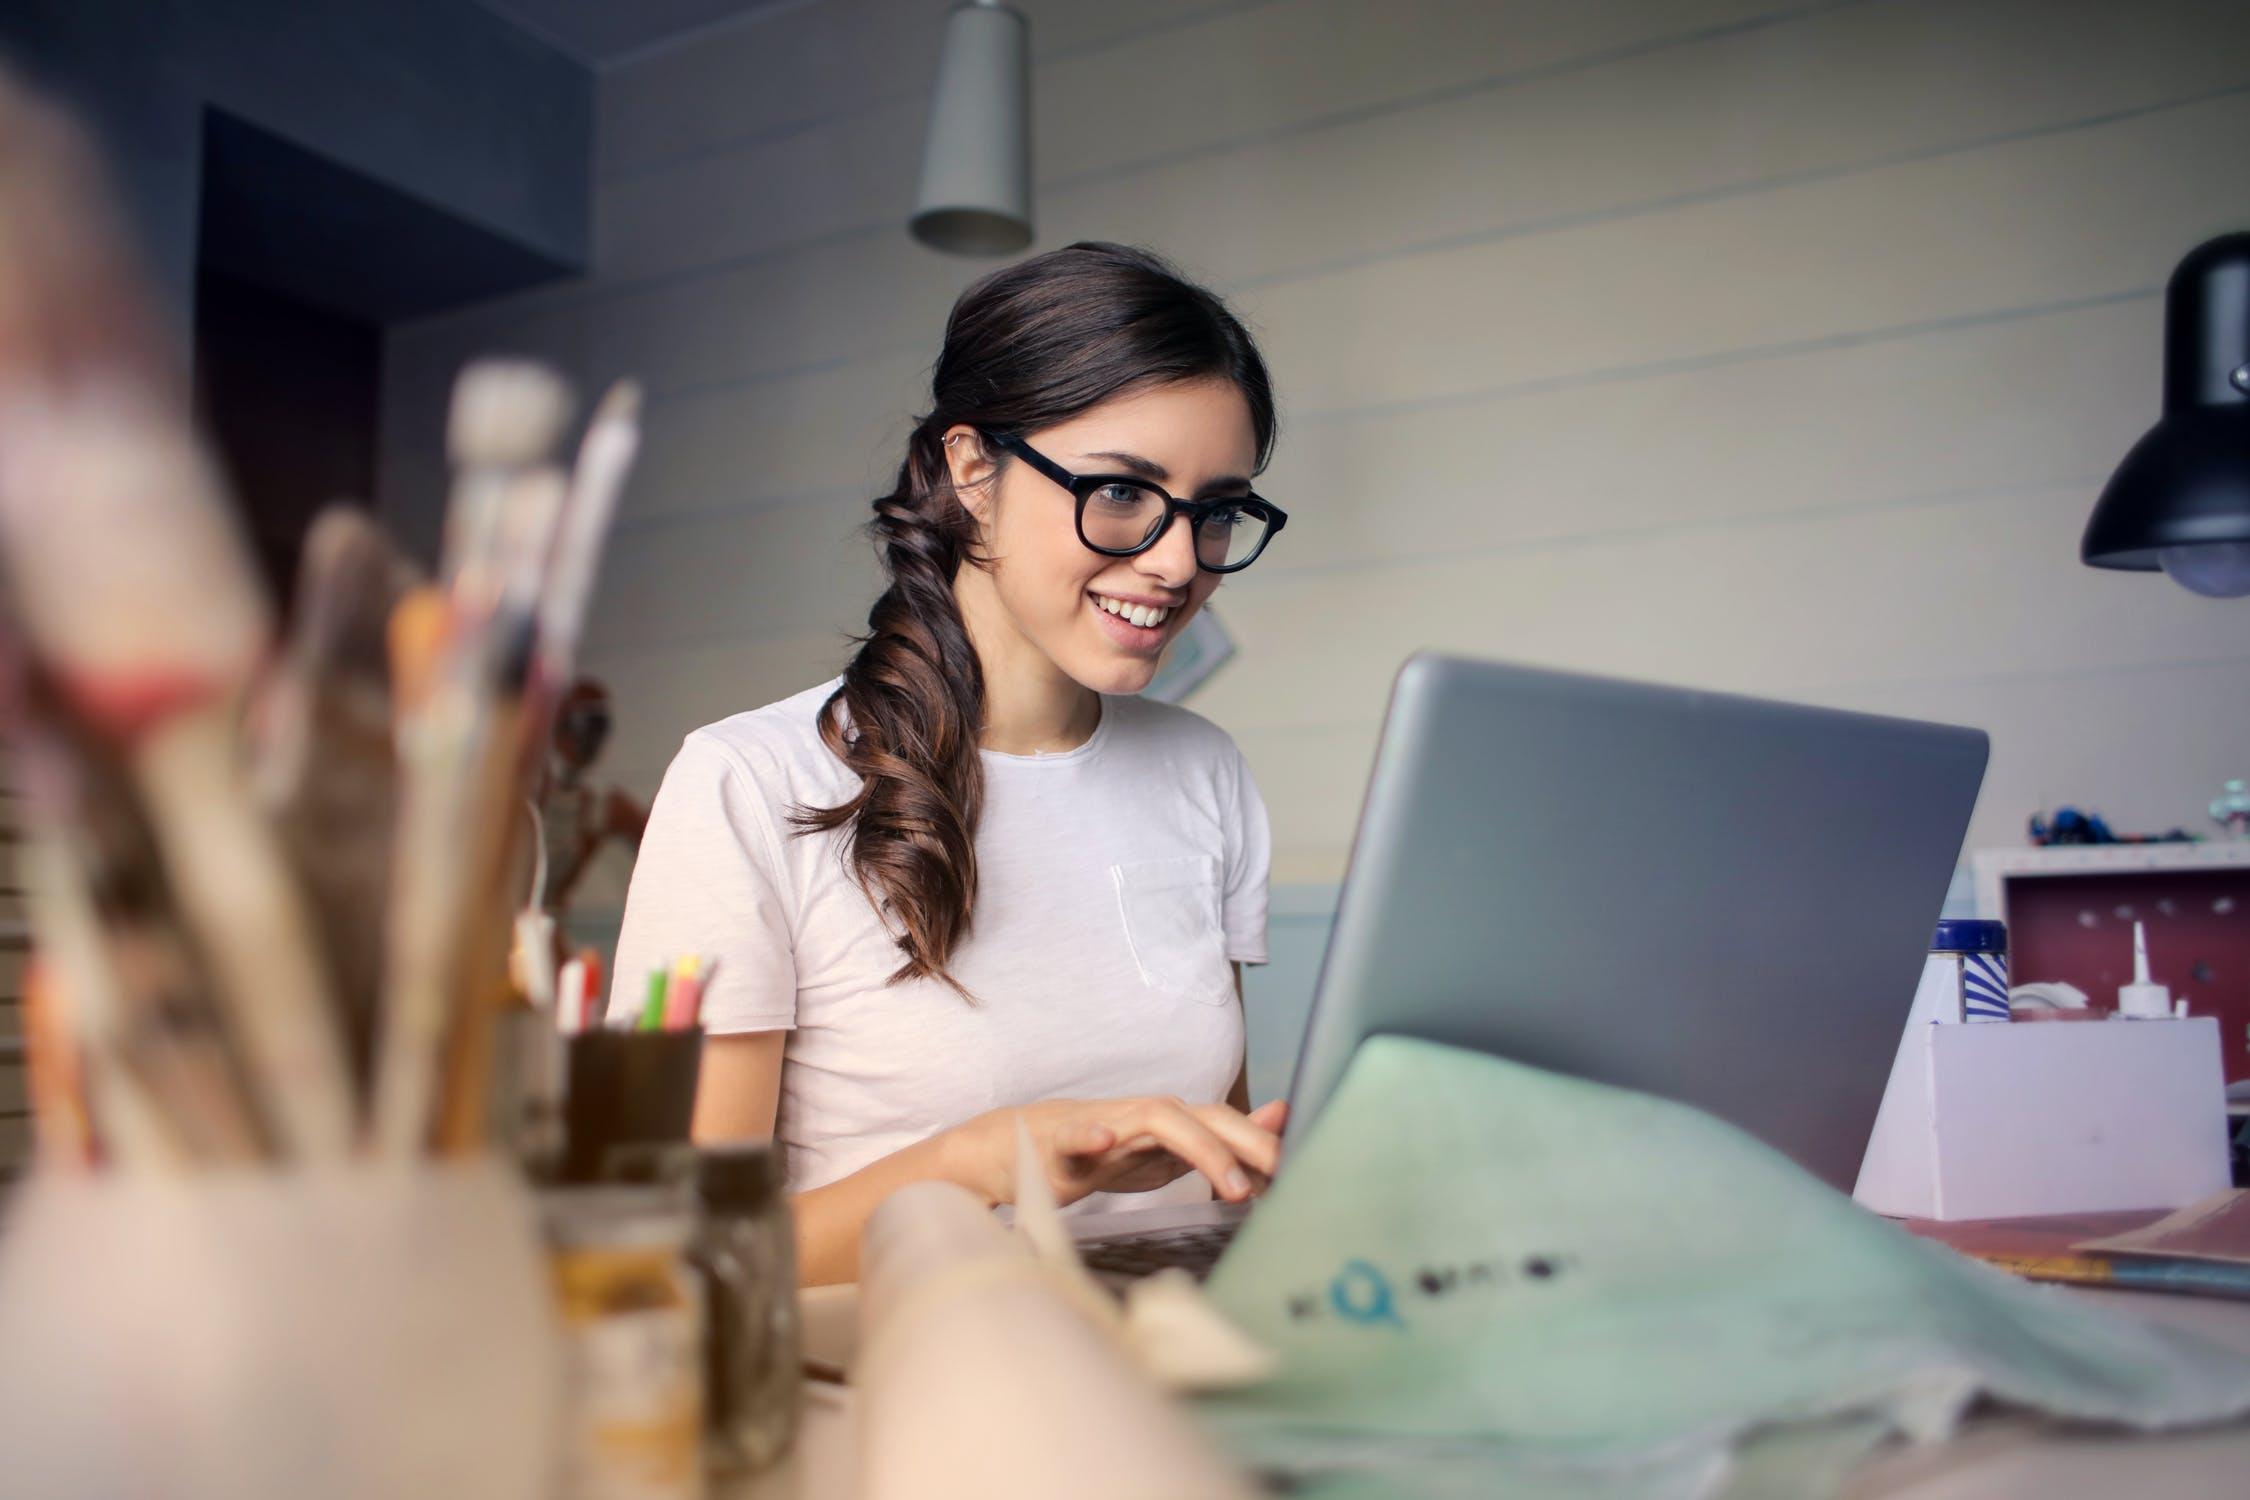 9 Rekomendasi Bisnis Modal Kecil Untung Besar untuk Pelajar